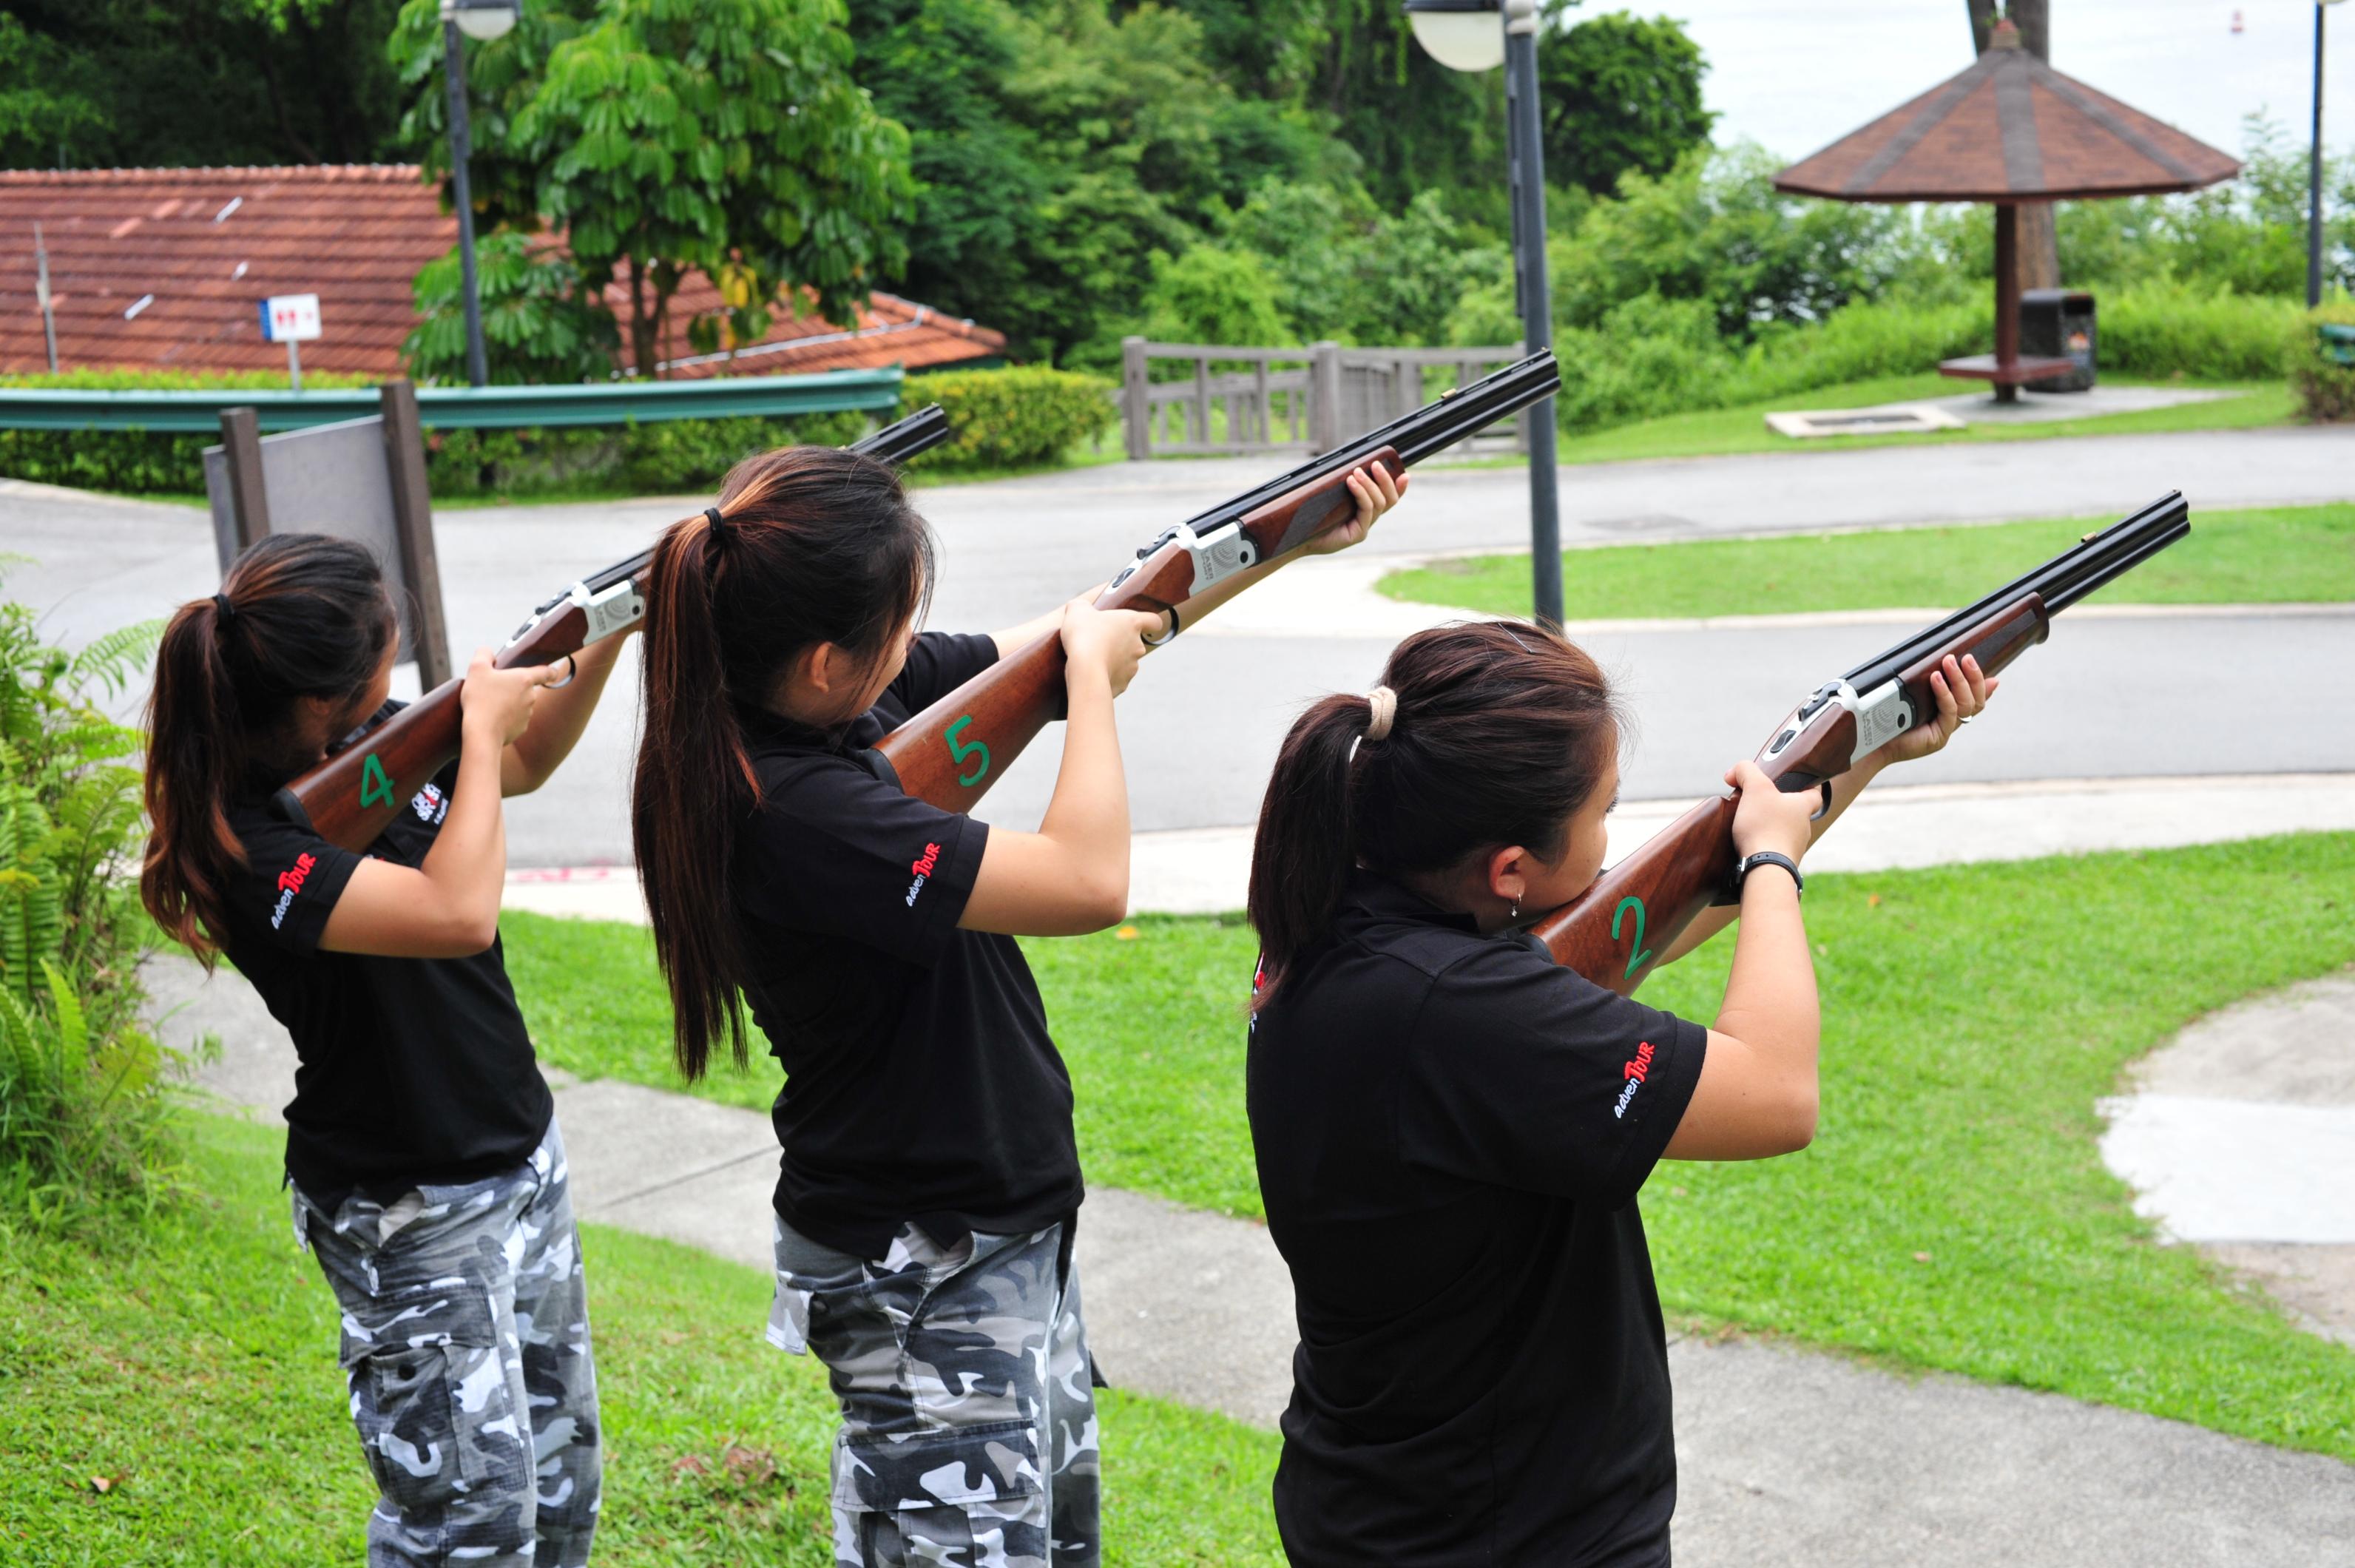 laser_clay_pigeon_shooting_fun_game_bonding